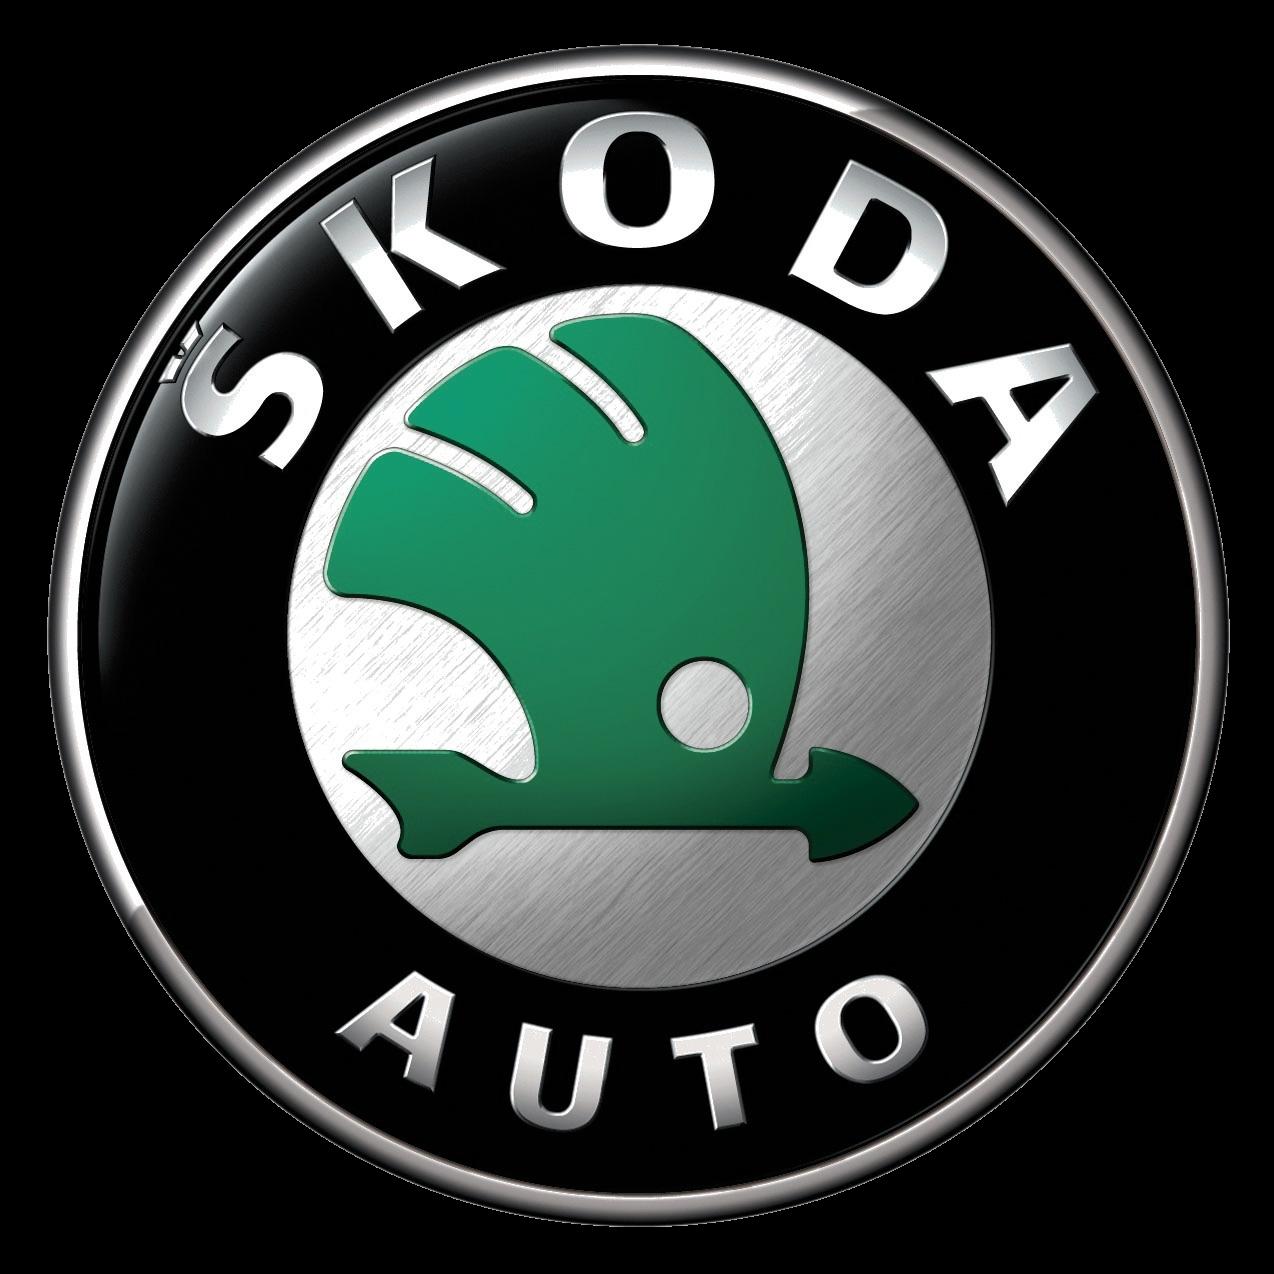 Skoda logo PNG